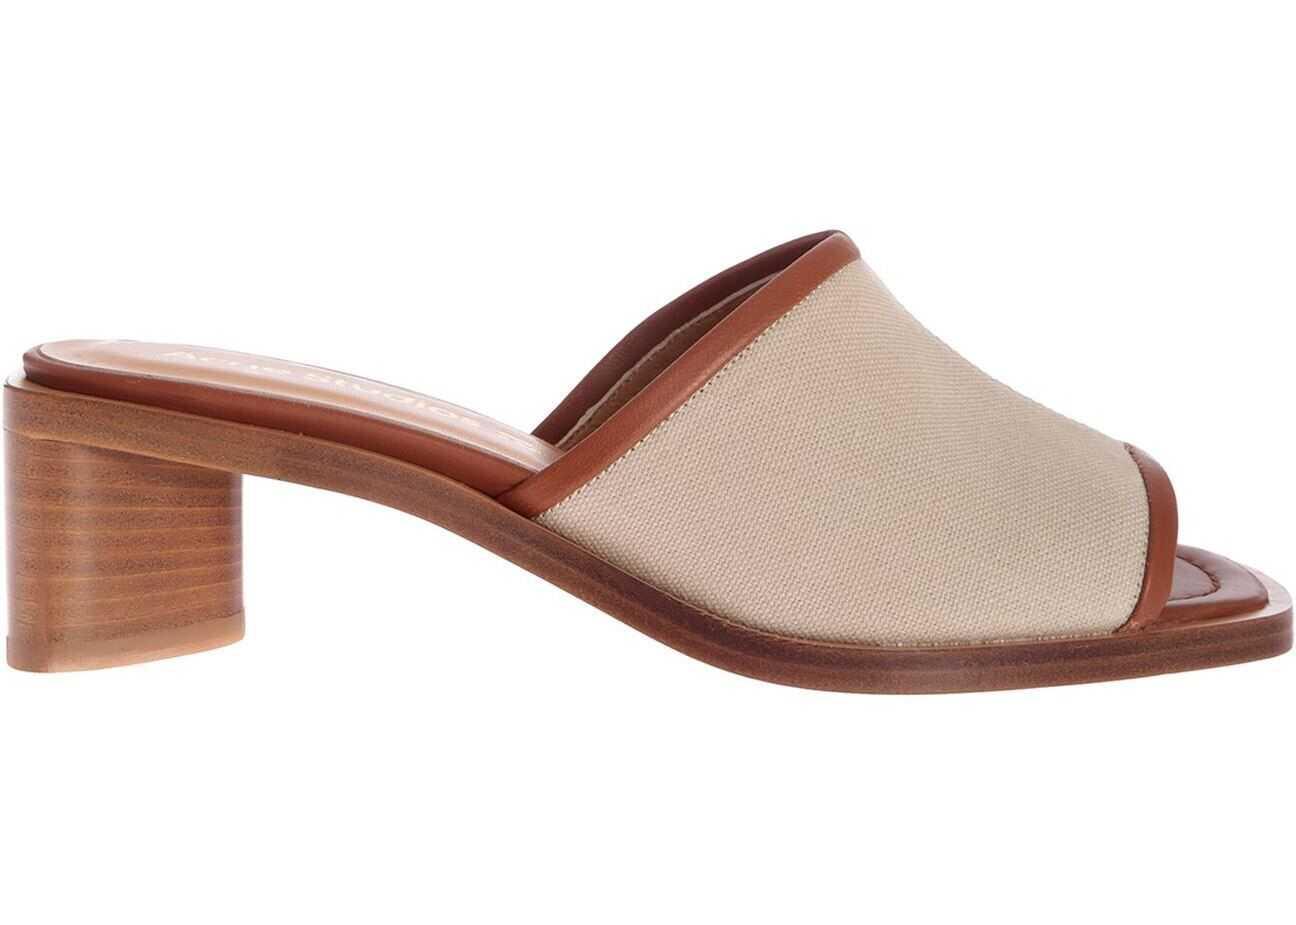 Acne Studios Slip-On Sandals In Ecru And Beige AD0360 ECRU BEIGE Beige imagine b-mall.ro